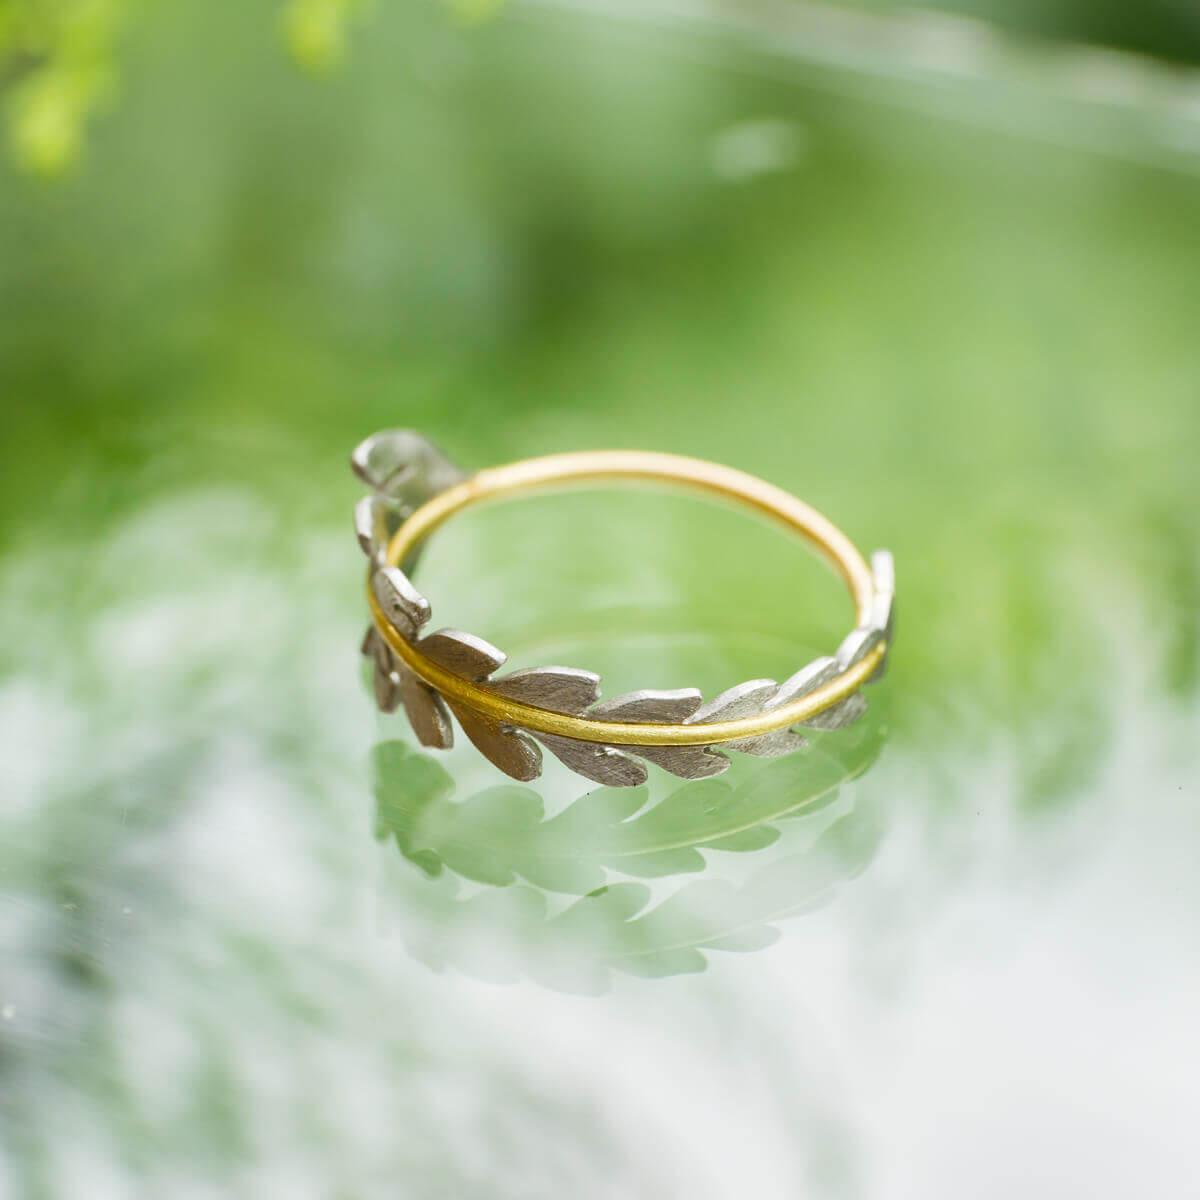 屋久島しずくギャラリーのディスプレイ 屋久島の緑バック  プラチナ、ゴールド 屋久島でつくる結婚指輪